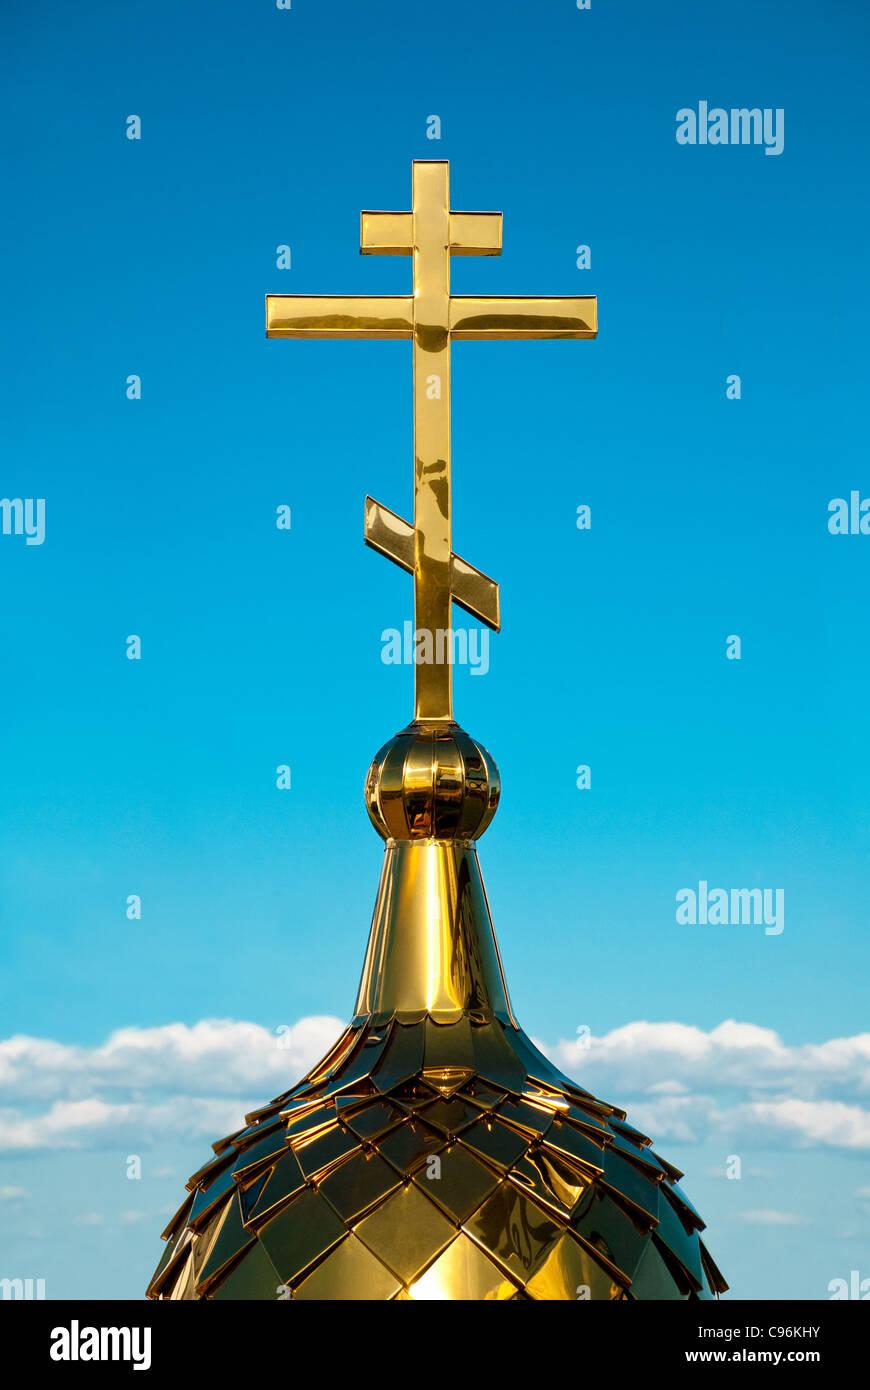 Chiesa russo-ortodossa croce. Il cristianesimo e tutte le cose ad esso correlati. Immagini Stock